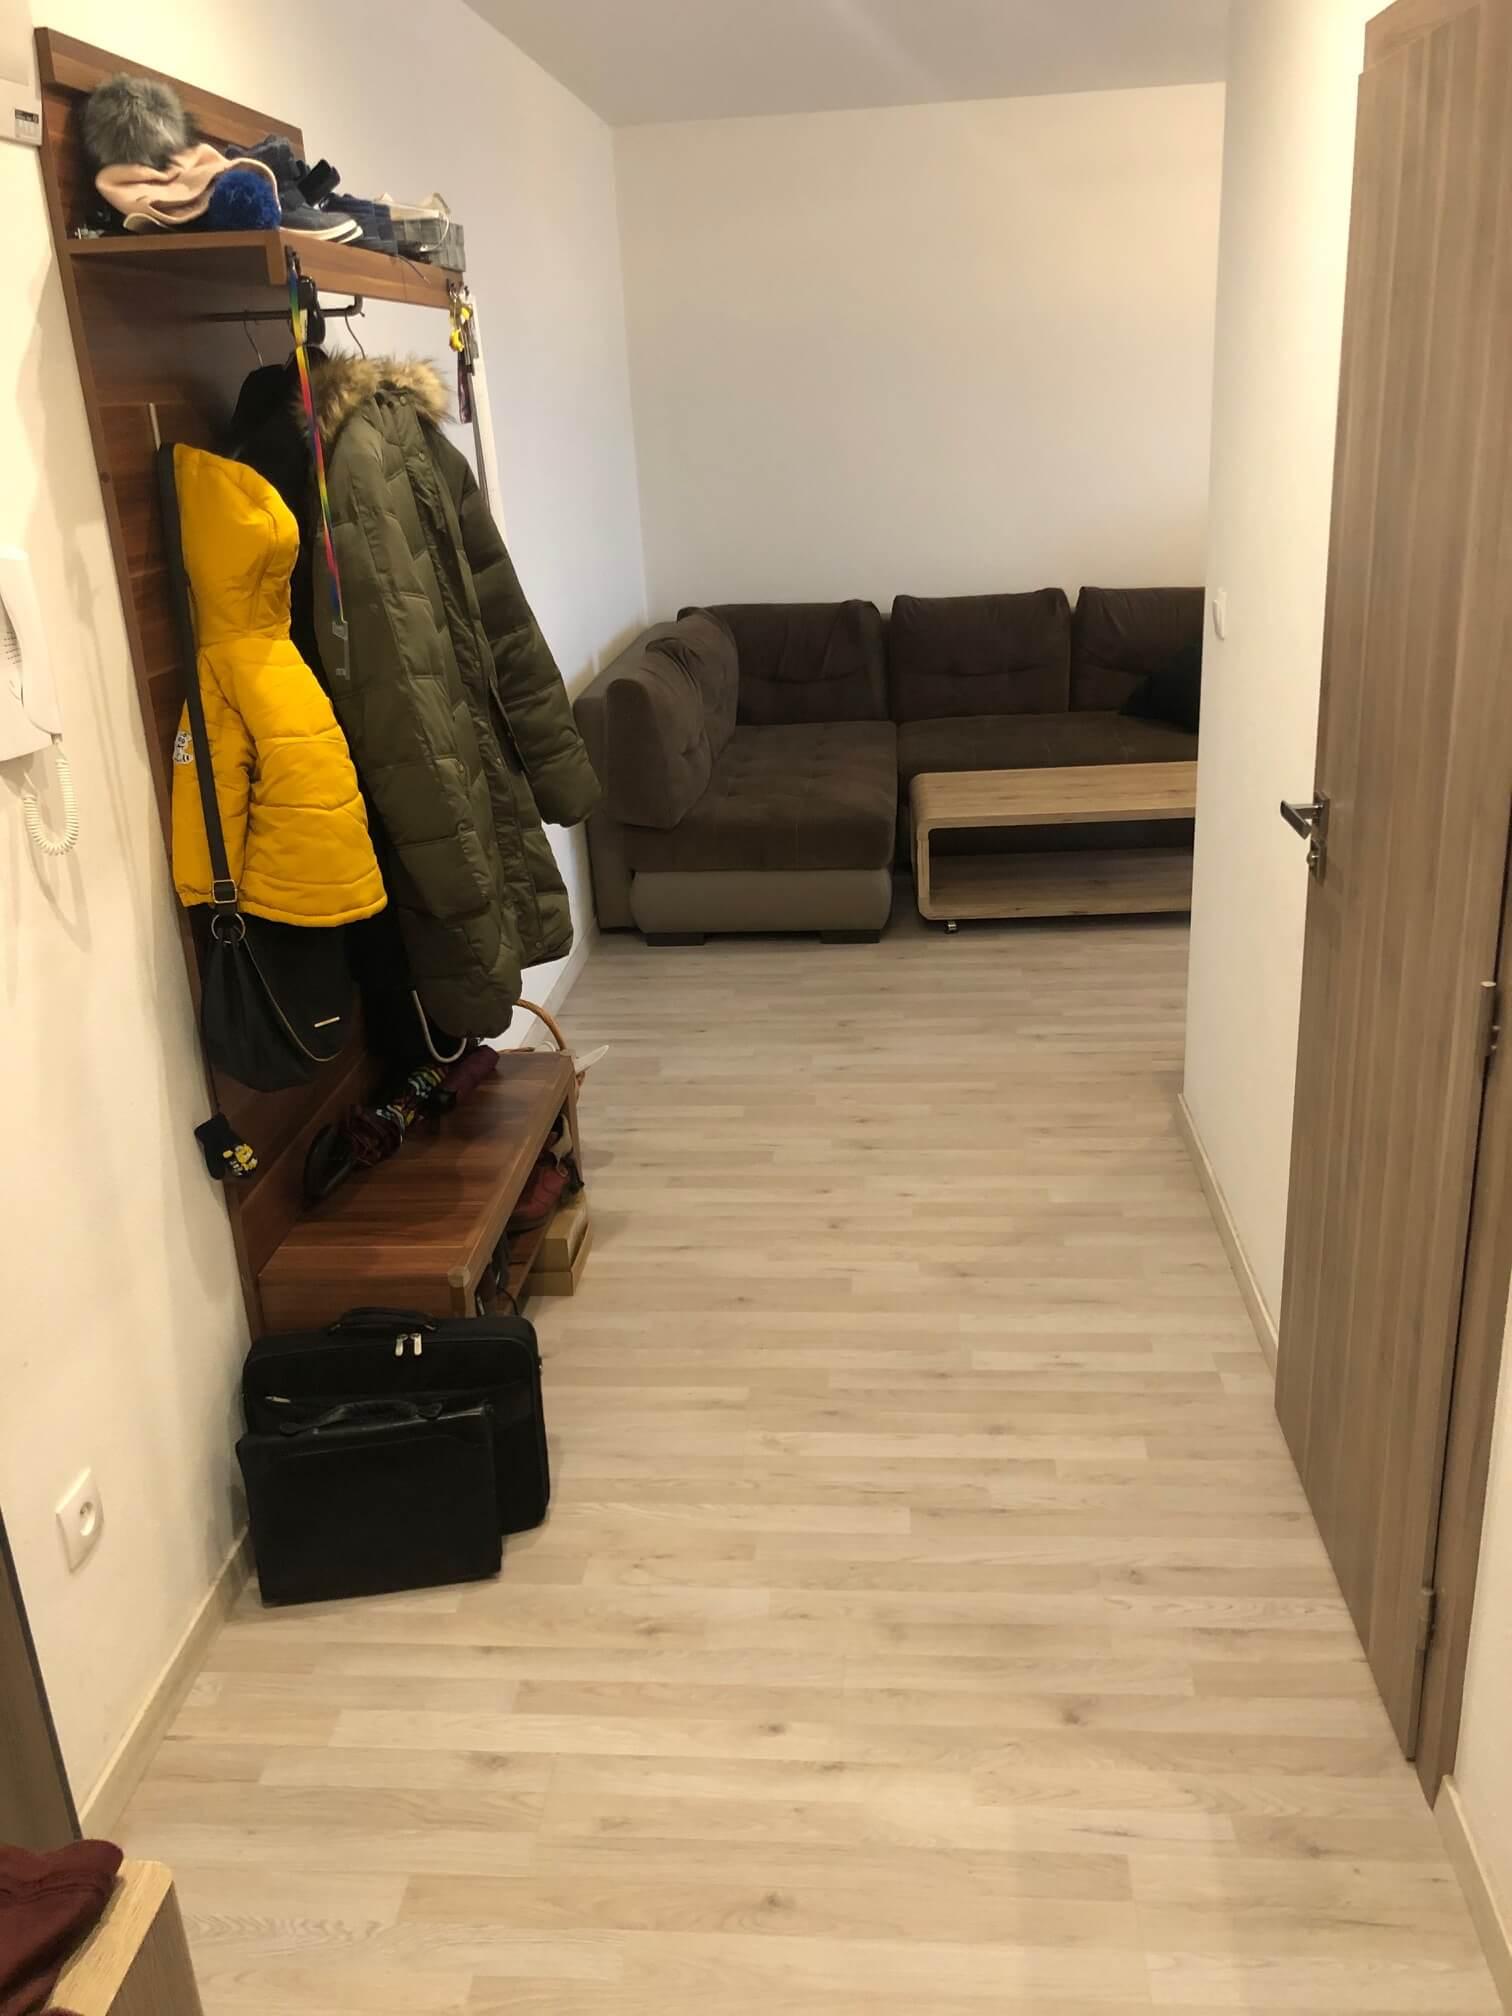 Prenajate: Prenájom 2 izb. byt, Luxusne zariadeny, v tichej lokalite, Brnianska 4, nad Farbičkou, Malacky,-10